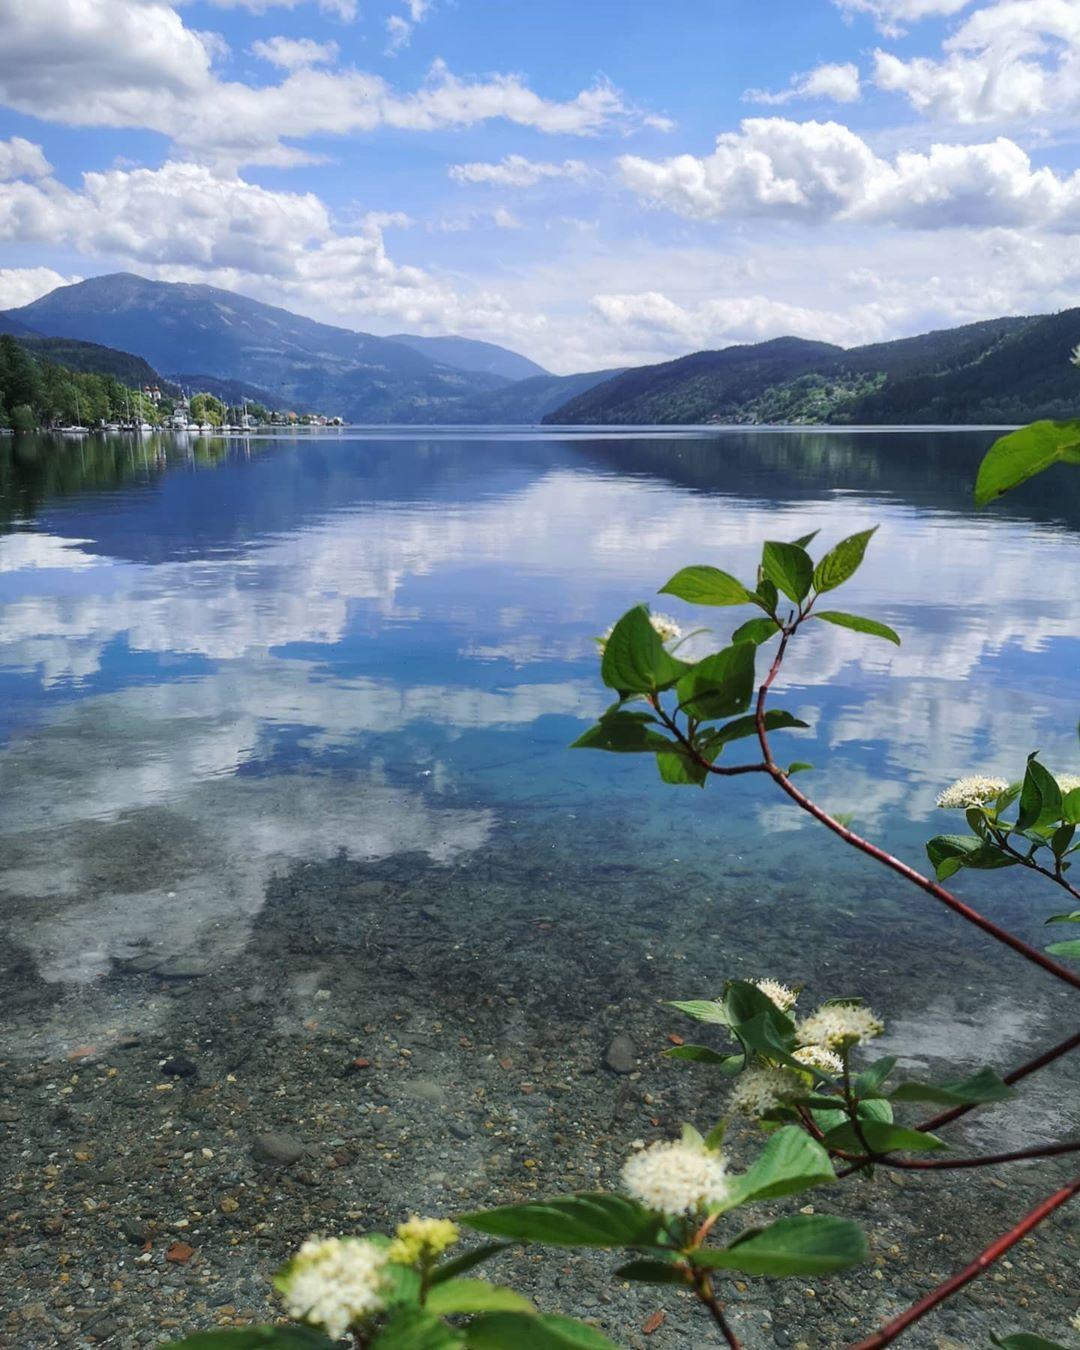 Der Millstätter See - das Juwel in Kärnten